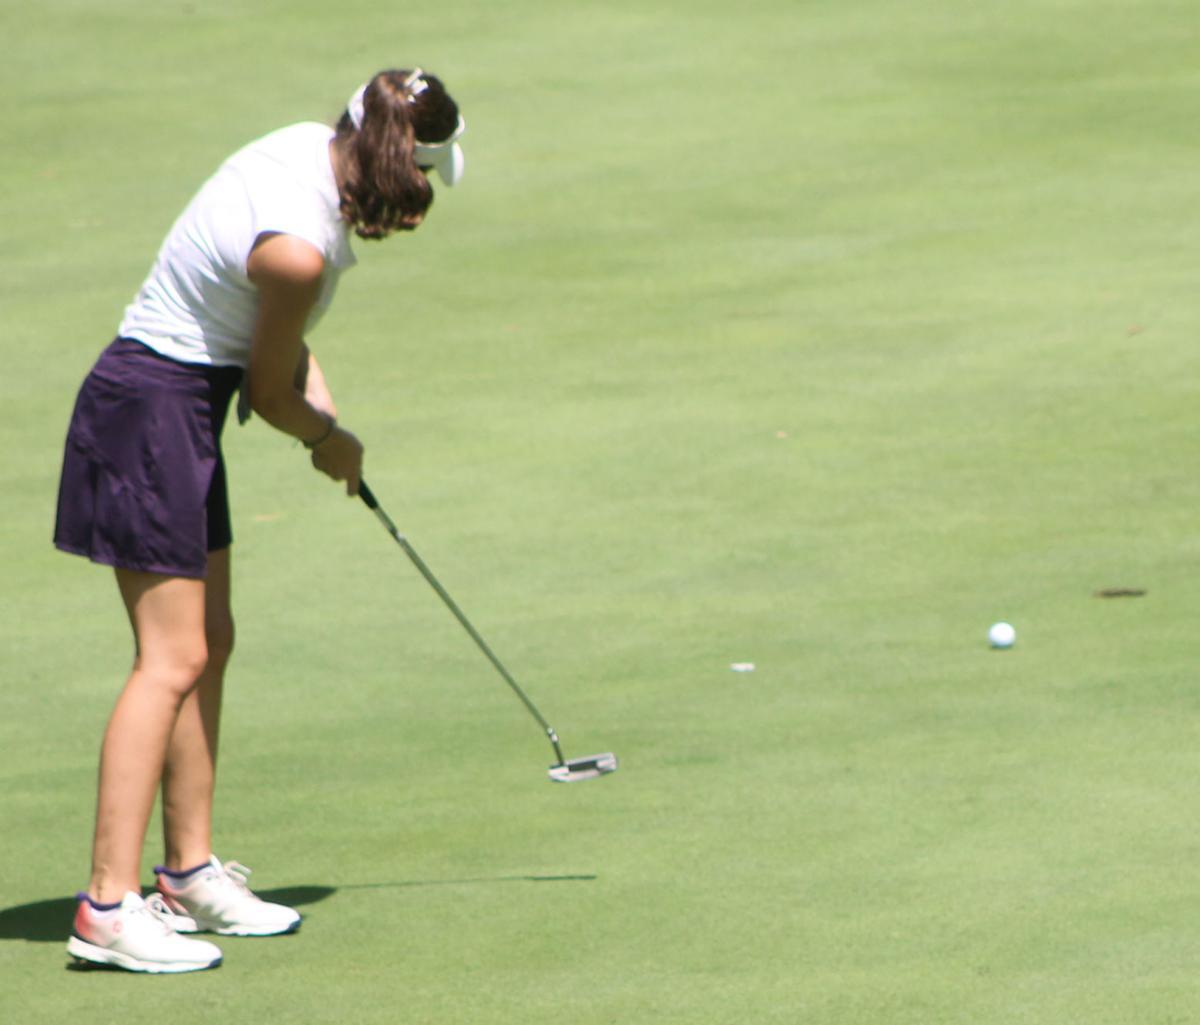 Lauren Johnson sinks a putt